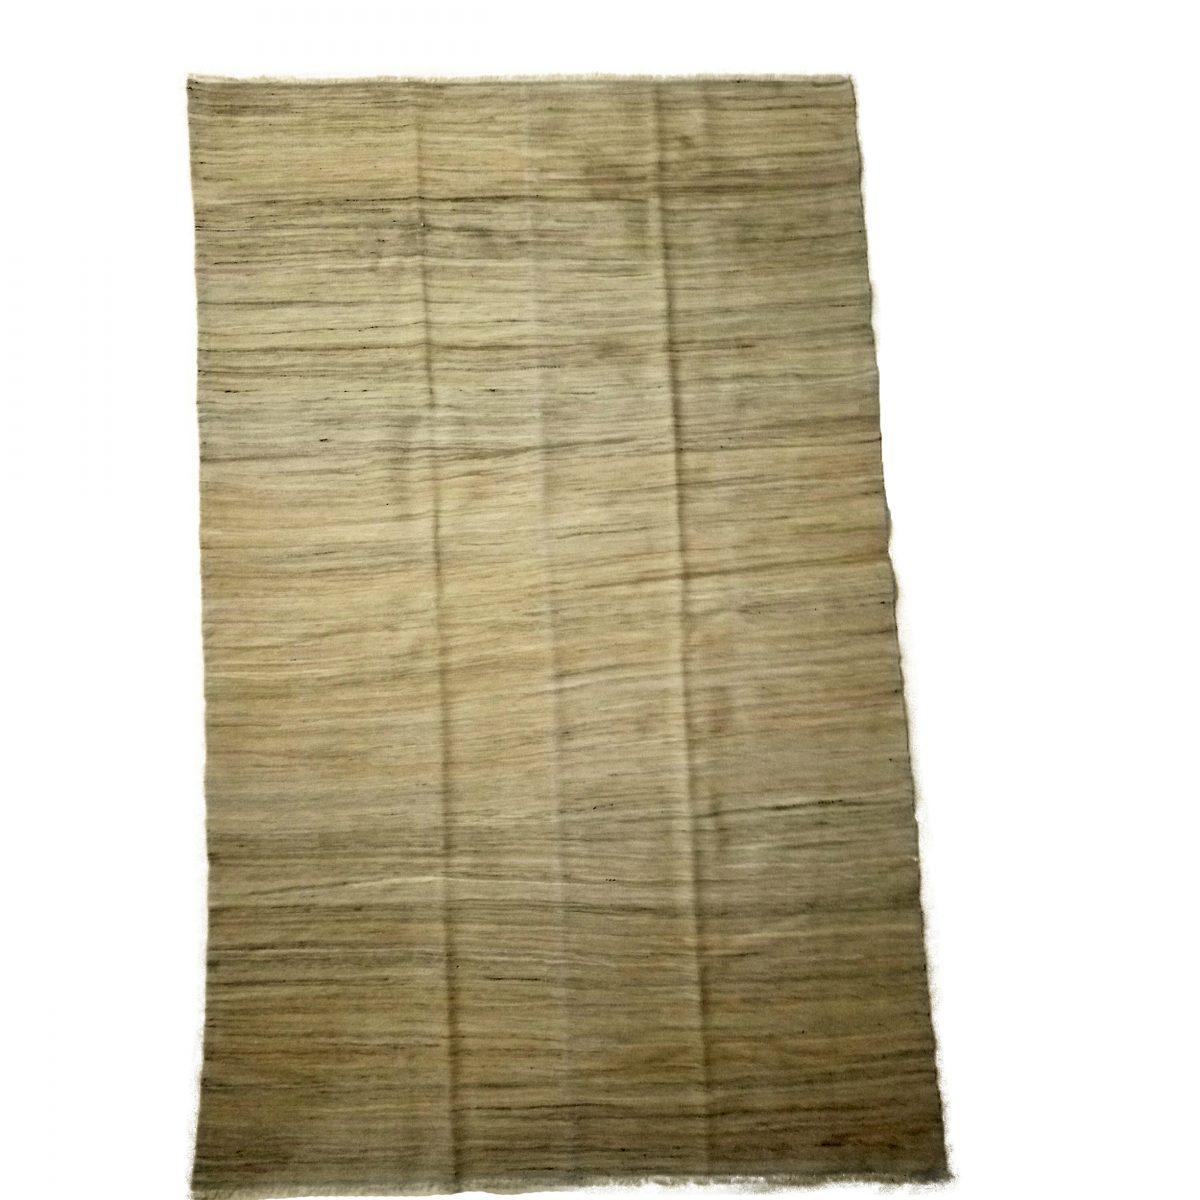 Wohnzimmer-Teppich